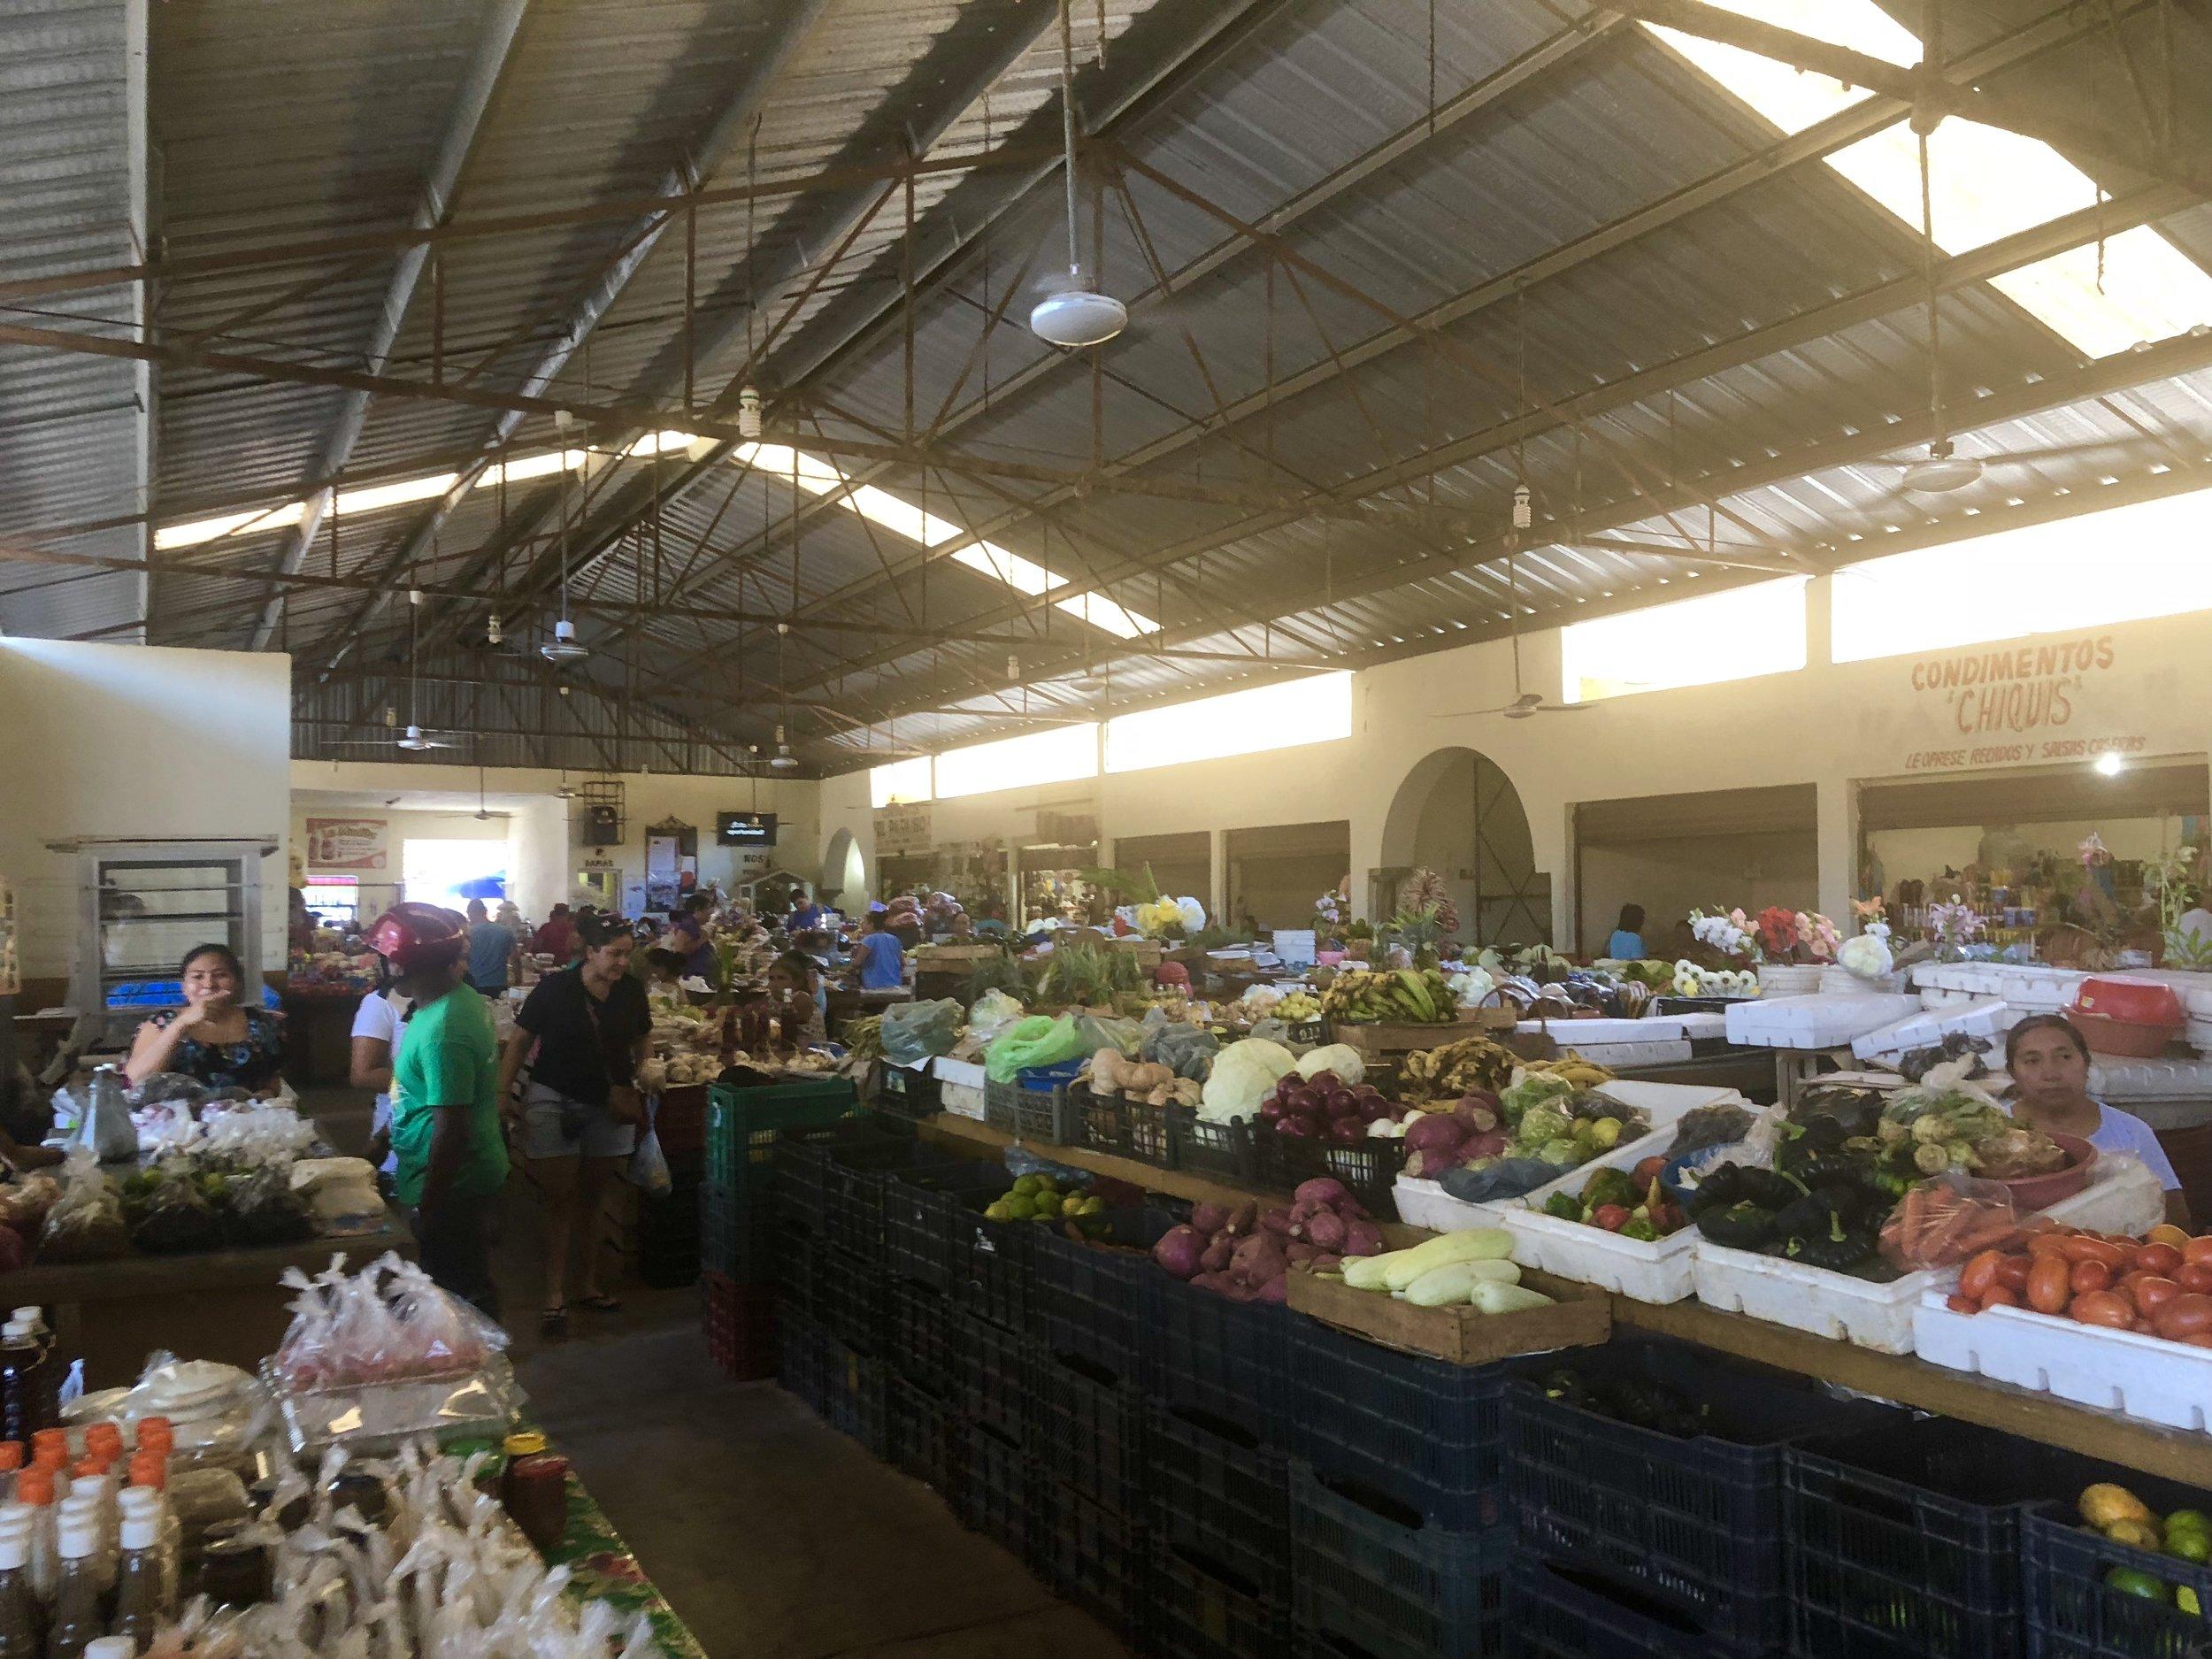 So many culinary treasures at the Mercado Municipal!